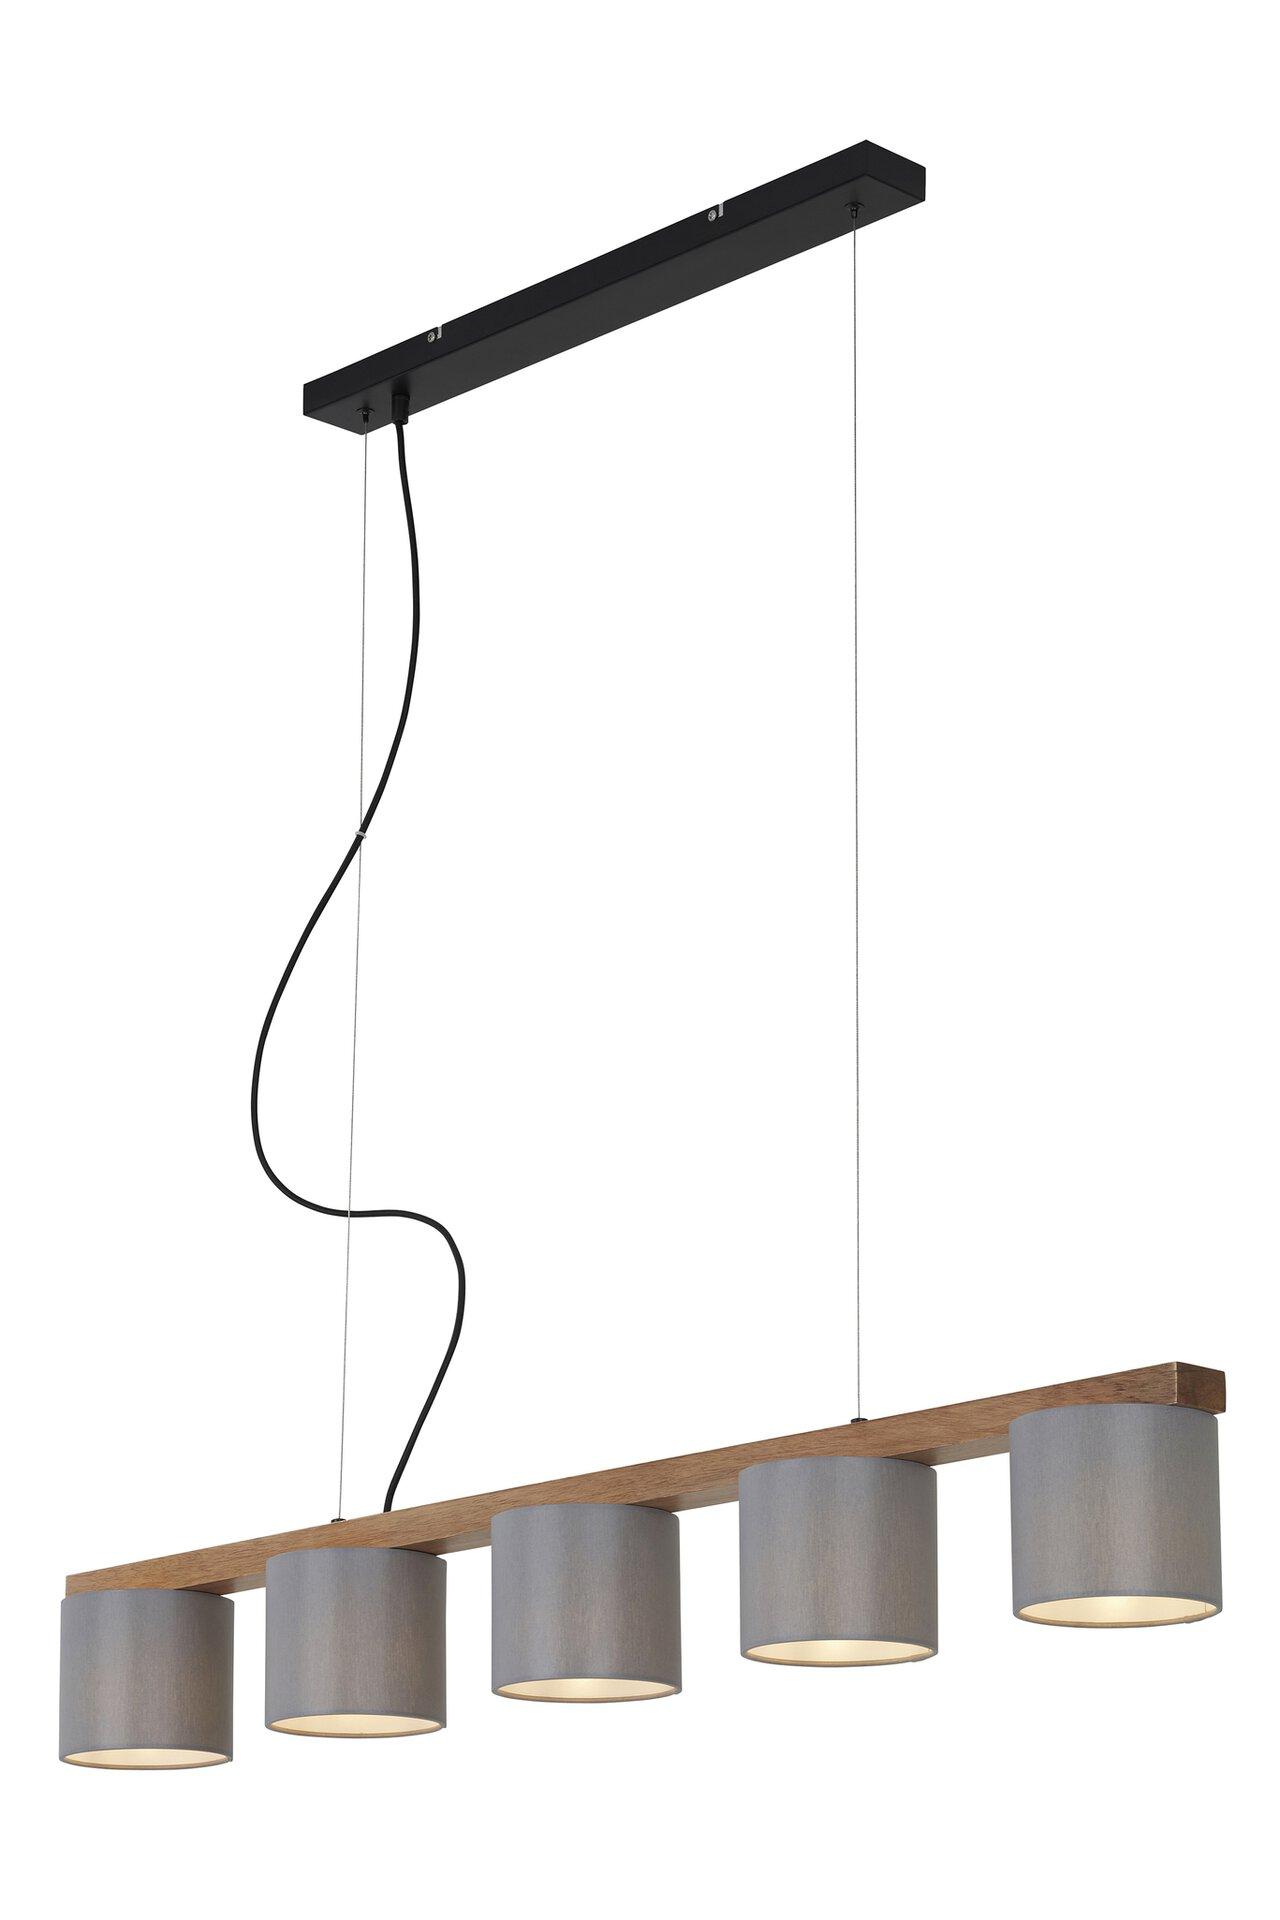 Hängeleuchte WOOD & STYLE Briloner Metall braun 15 x 136 x 110 cm